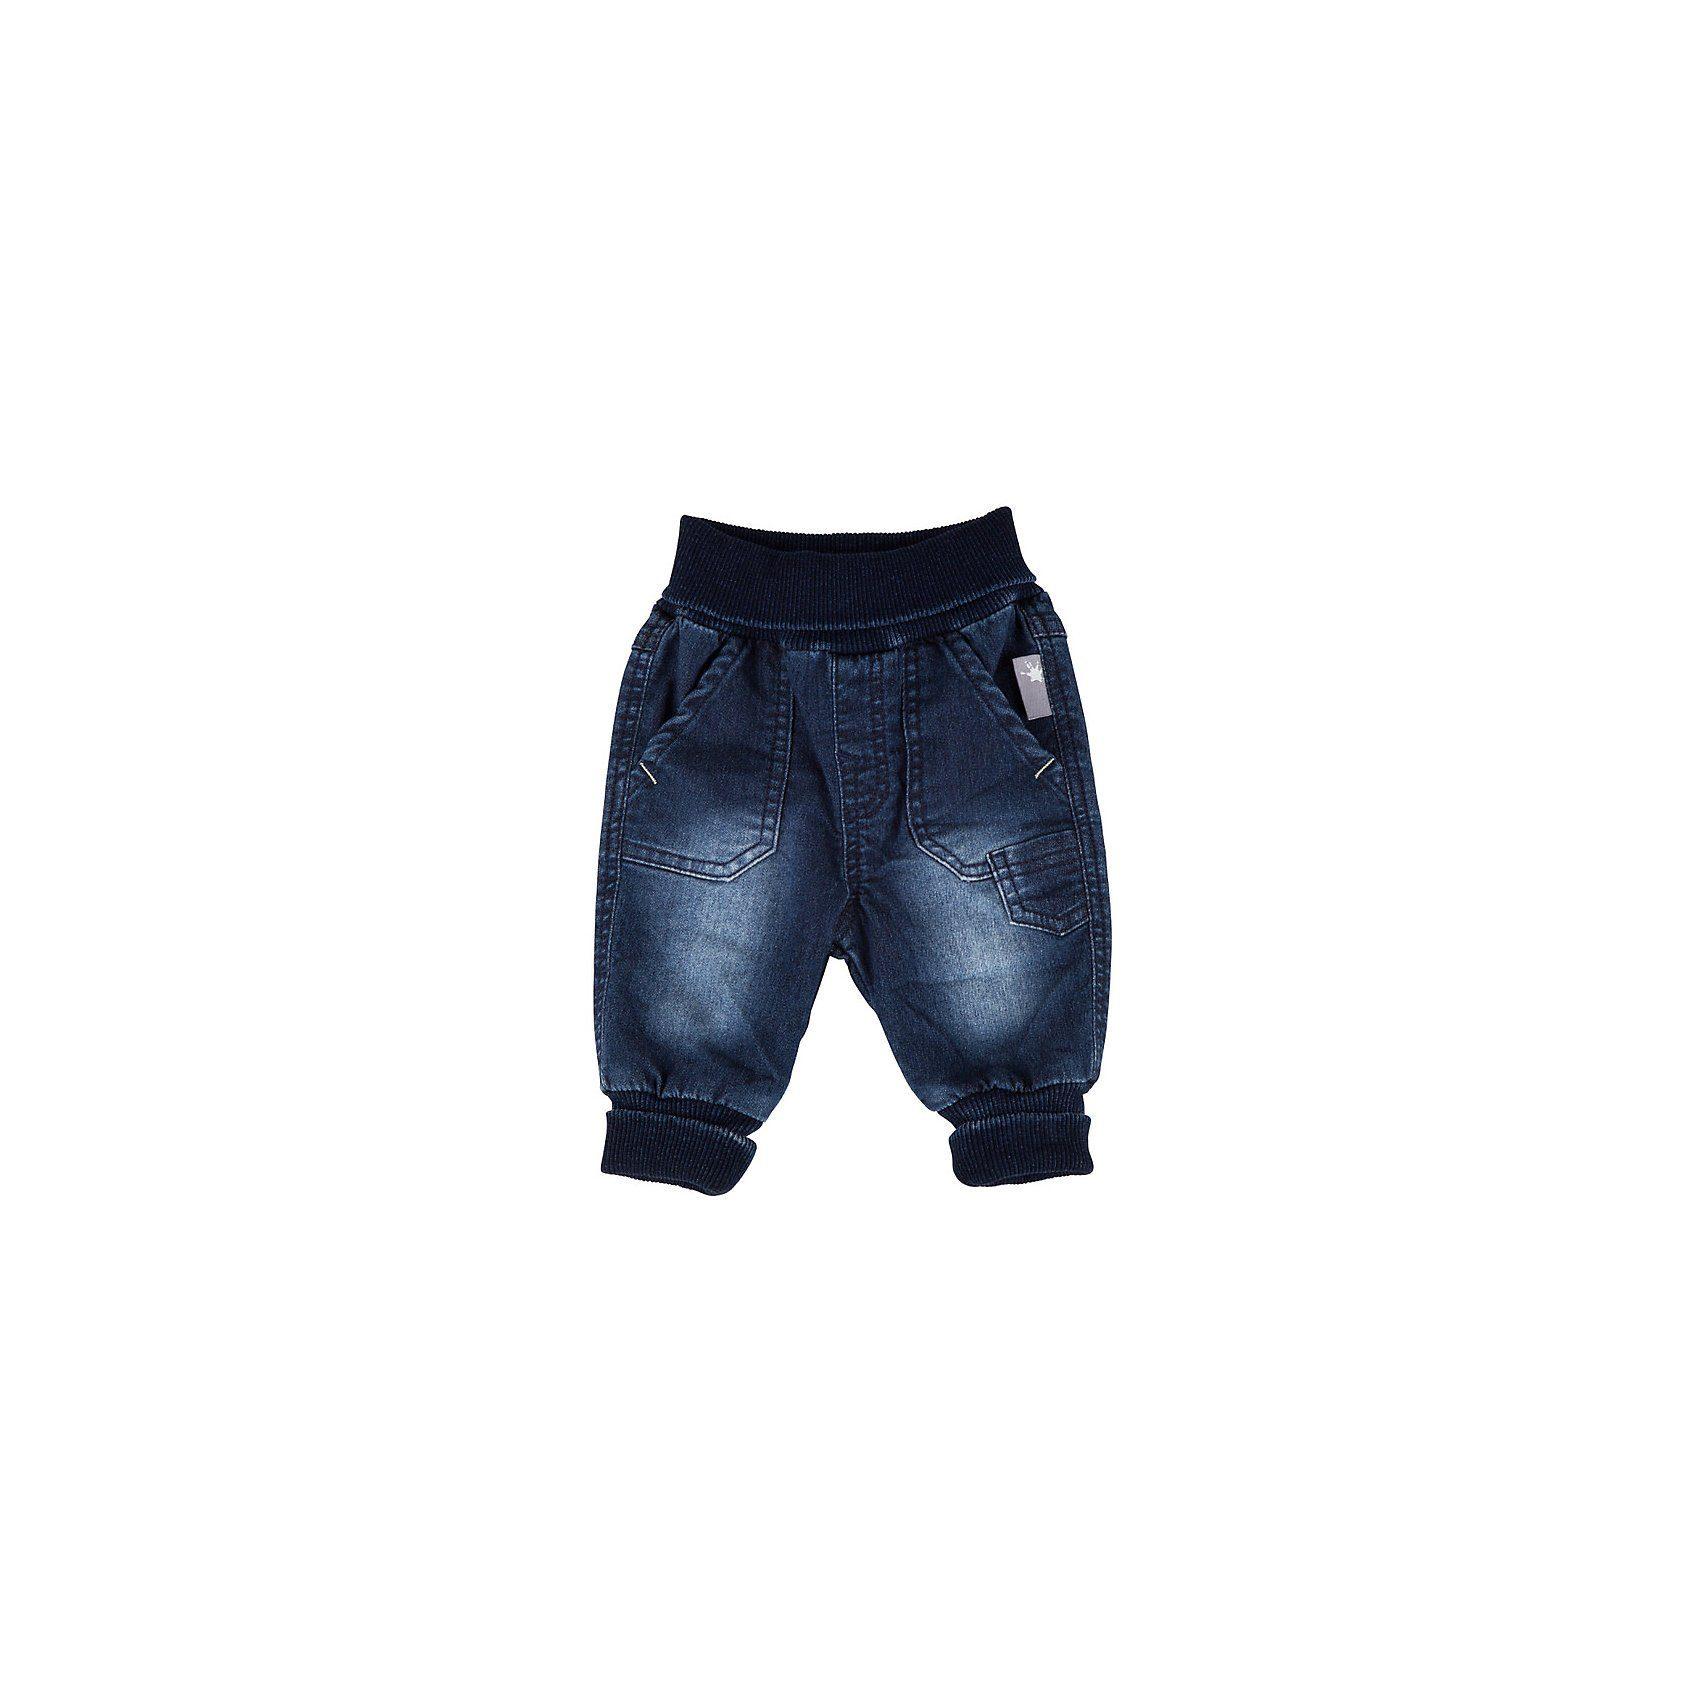 Sigikid Hose Jeanshose Schlupfhose Denim gefüttert Baumwolle Jungen Baby Gr.74